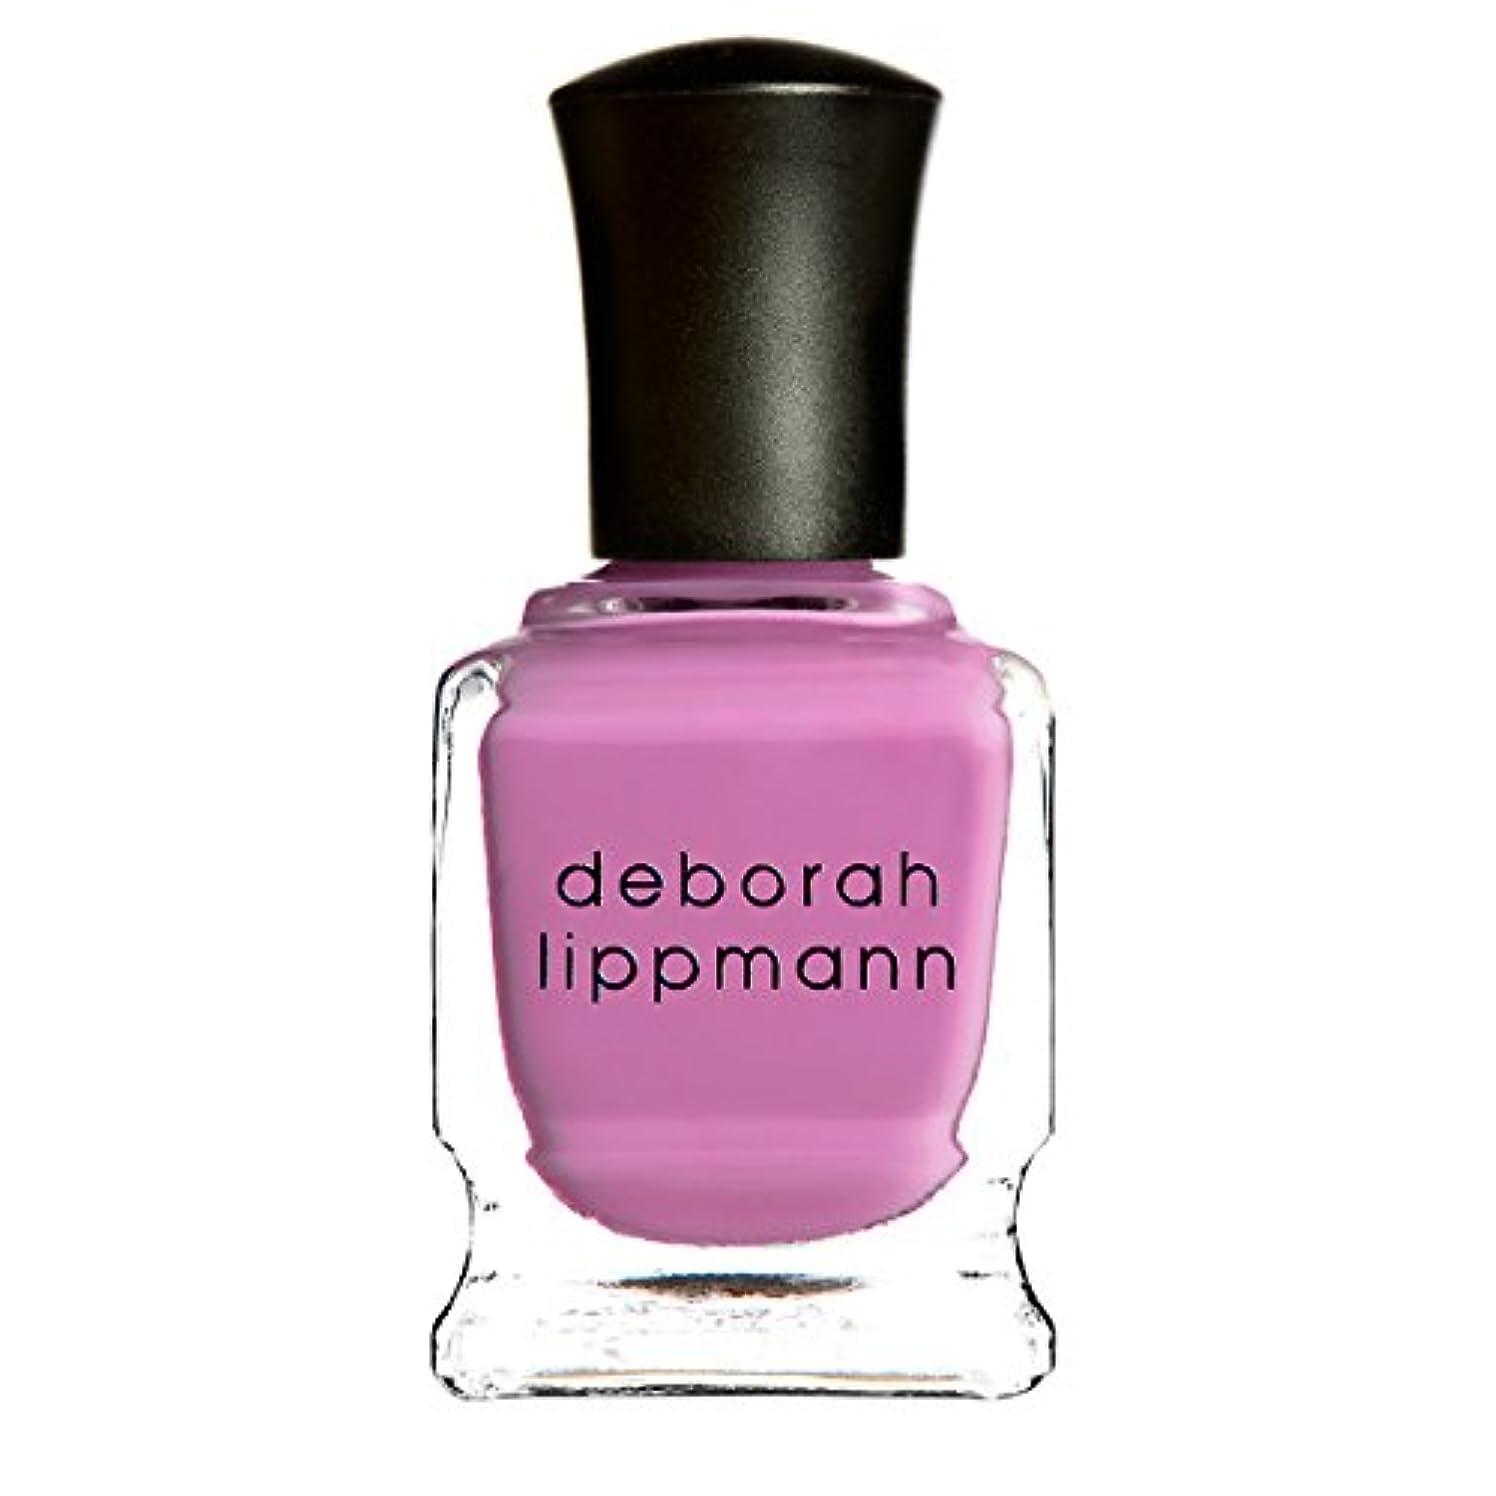 プロペラスーダン正確[Deborah Lippmann] デボラリップマン ミニ ポリッシュ ネイルポリッシュ ピンク系 「シーバップ 」 8 ml 【デボラリップマン】 SHE BOP【deborah lippmann】